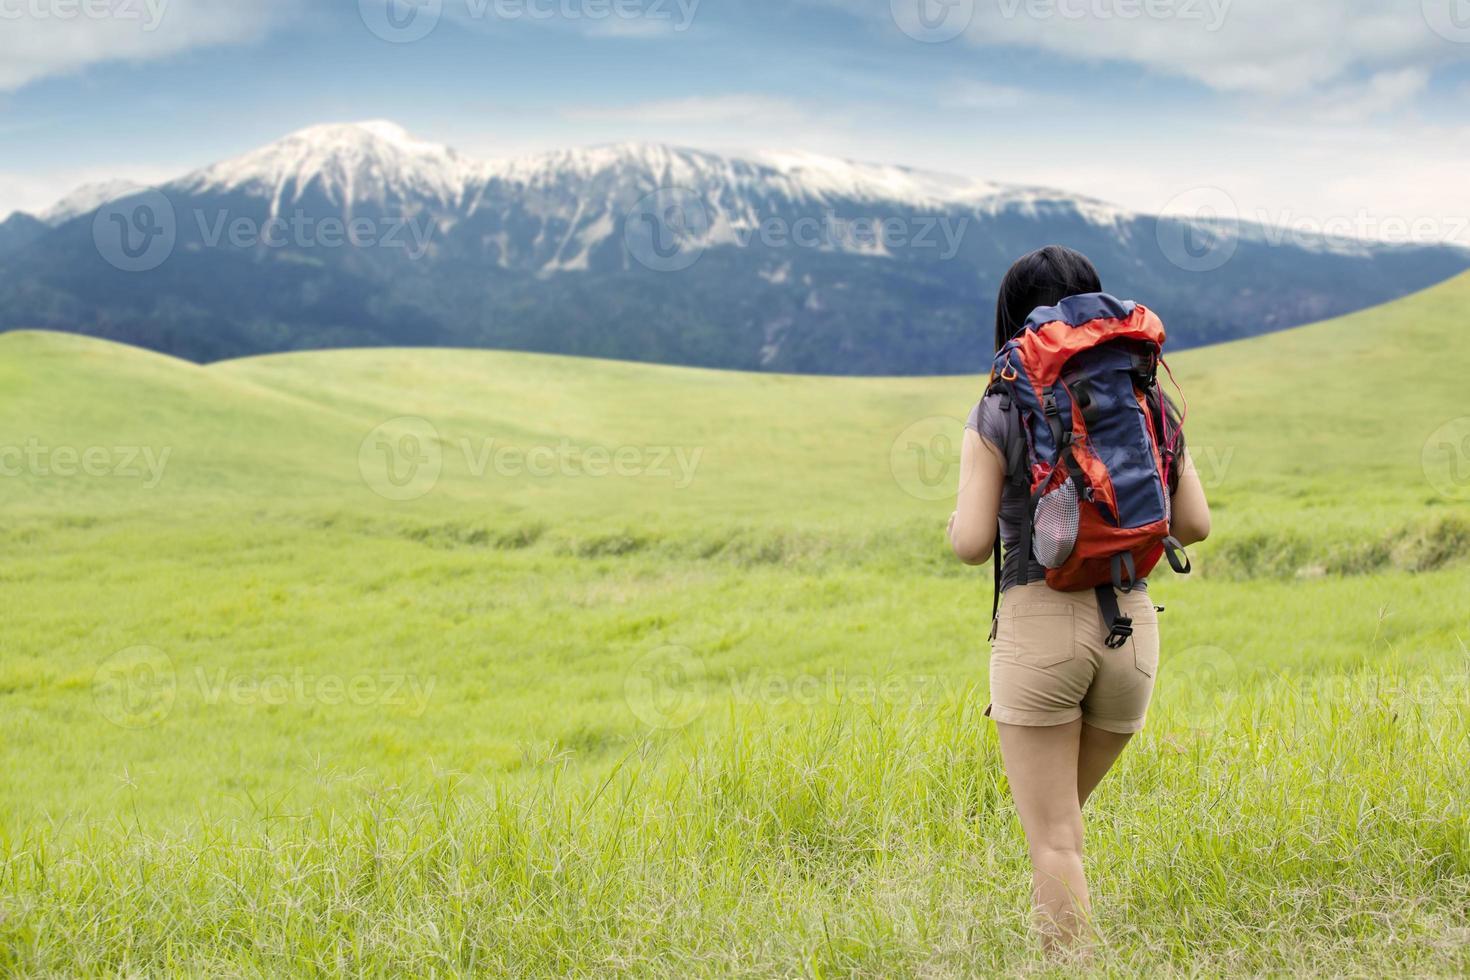 escursionista che cammina verso la montagna foto